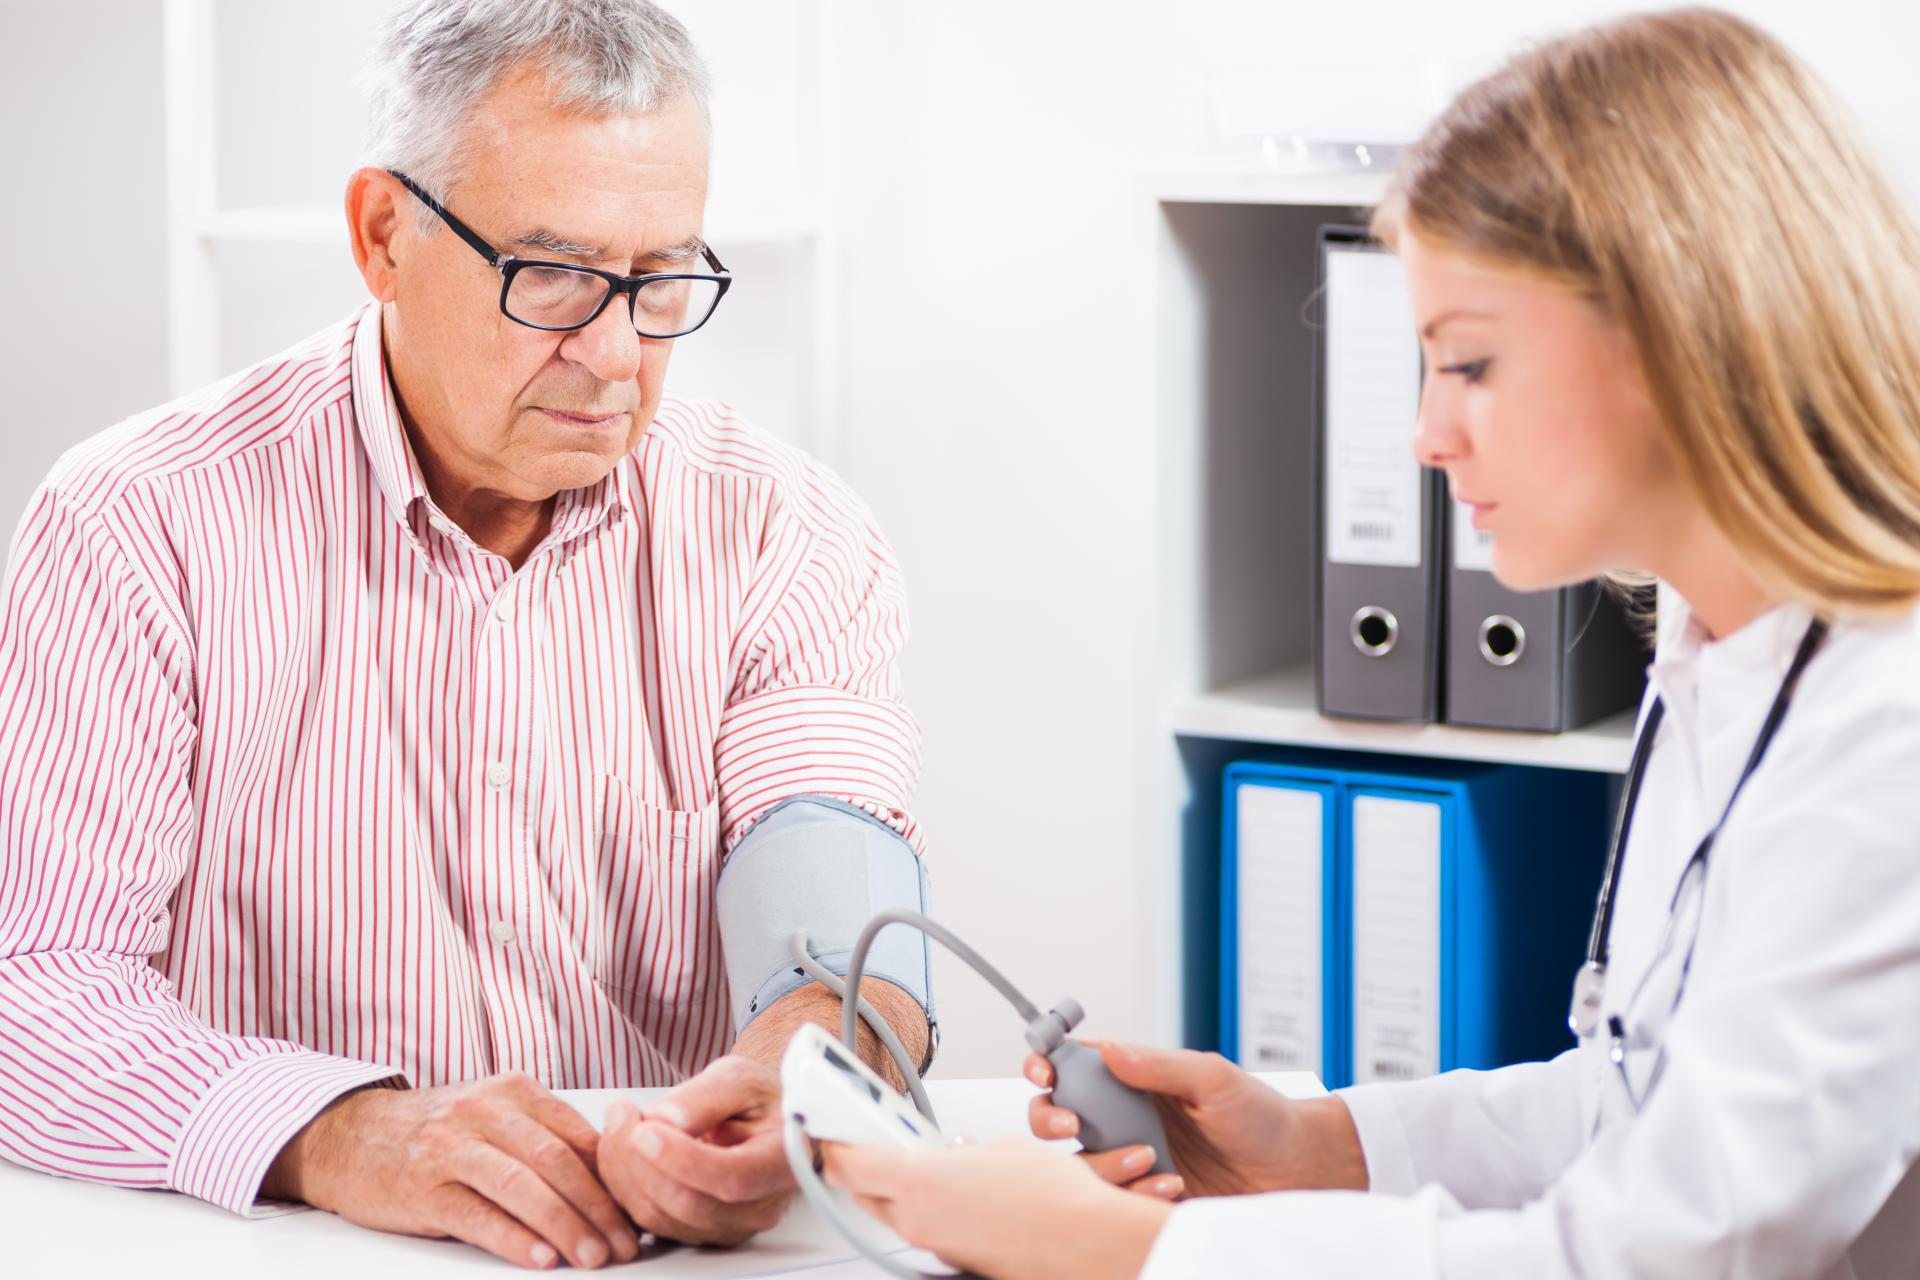 oko hipertenzija fotografija u svakom slučaju dobije invalidnosti u hipertenzije